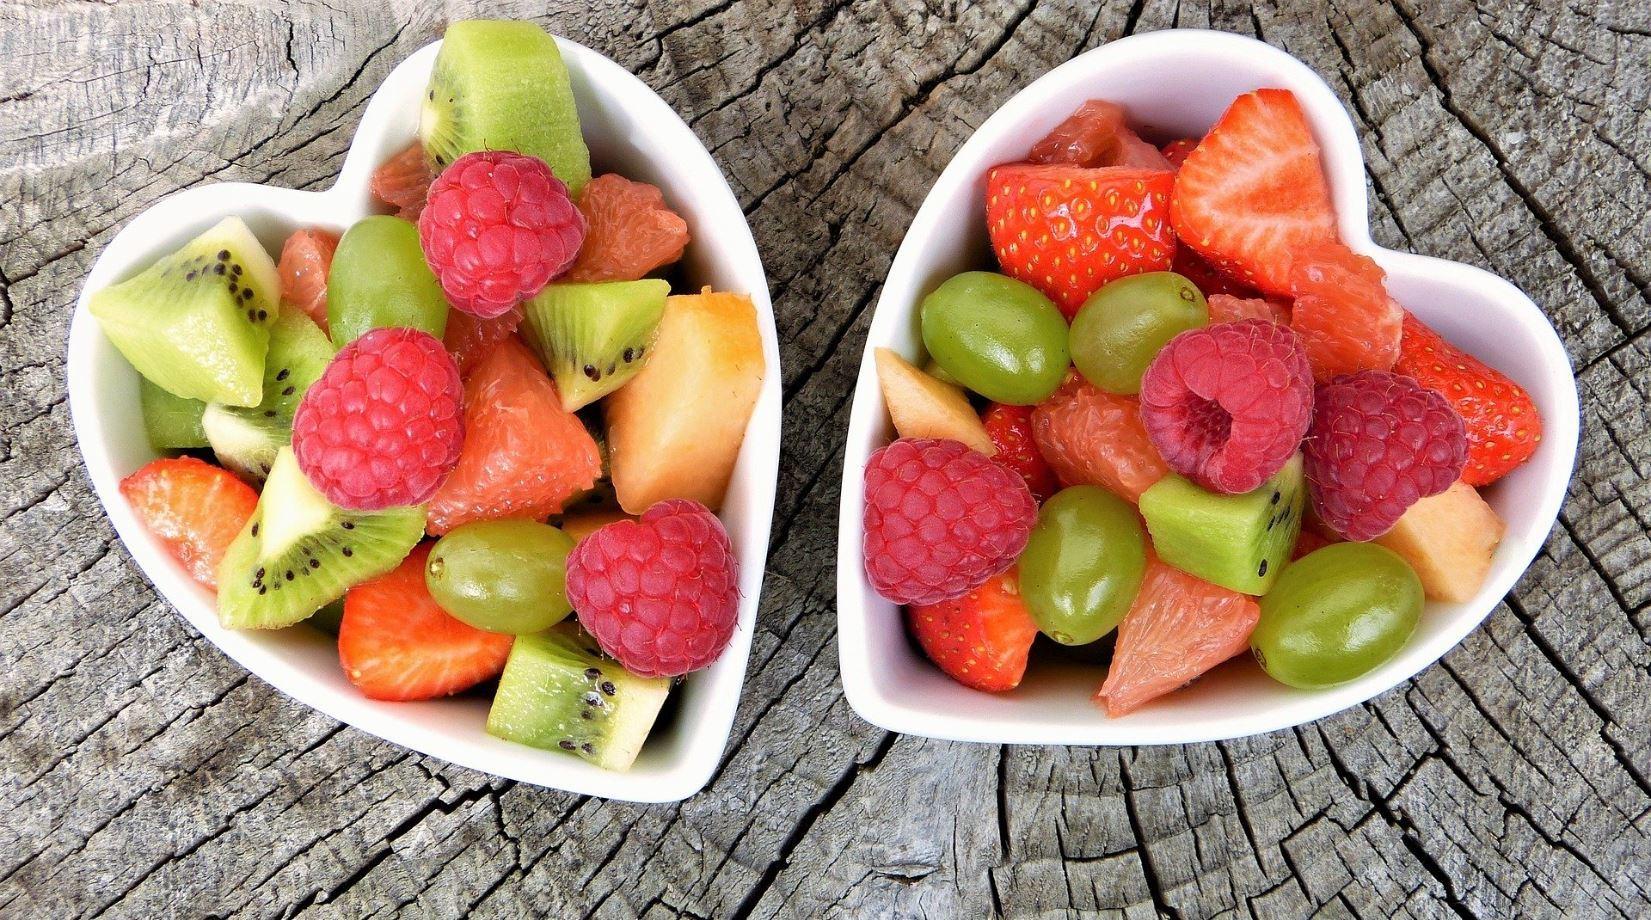 Waarom fruit vaak wordt afgeraden tijdens het afslanken?